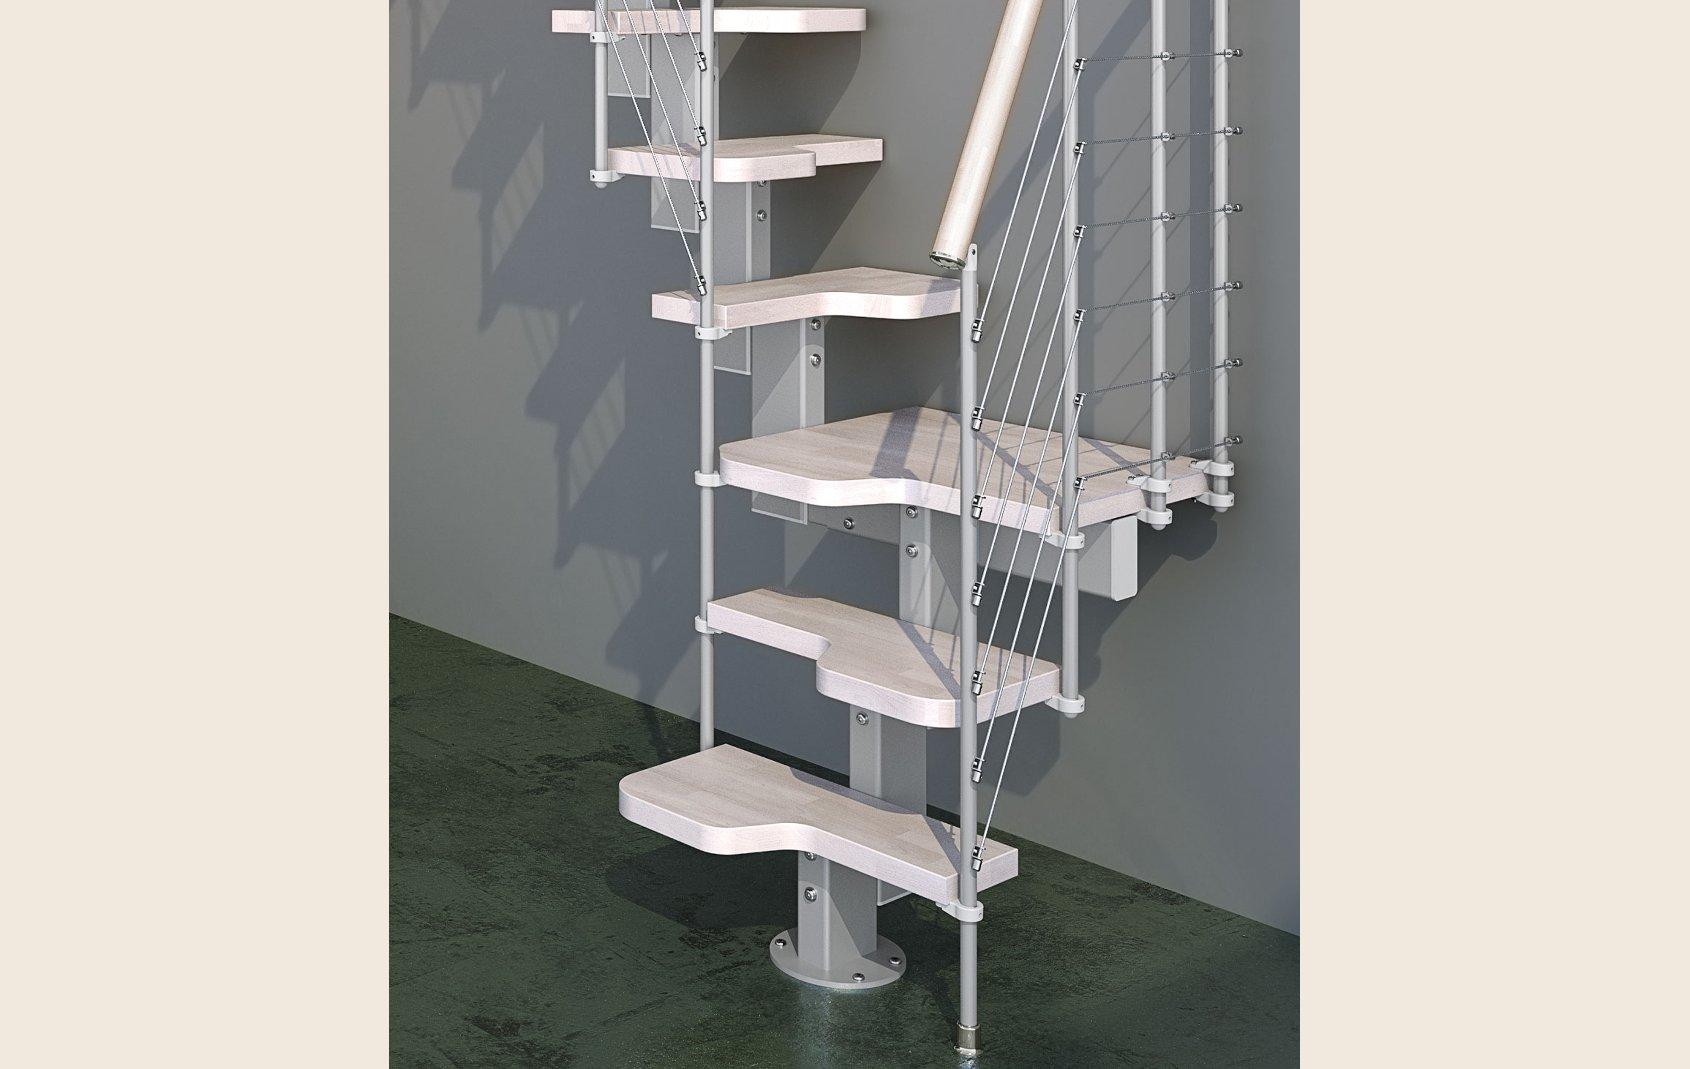 Dixi scale per soppalchi in legno salvaspazio a for Idee scale per soppalchi